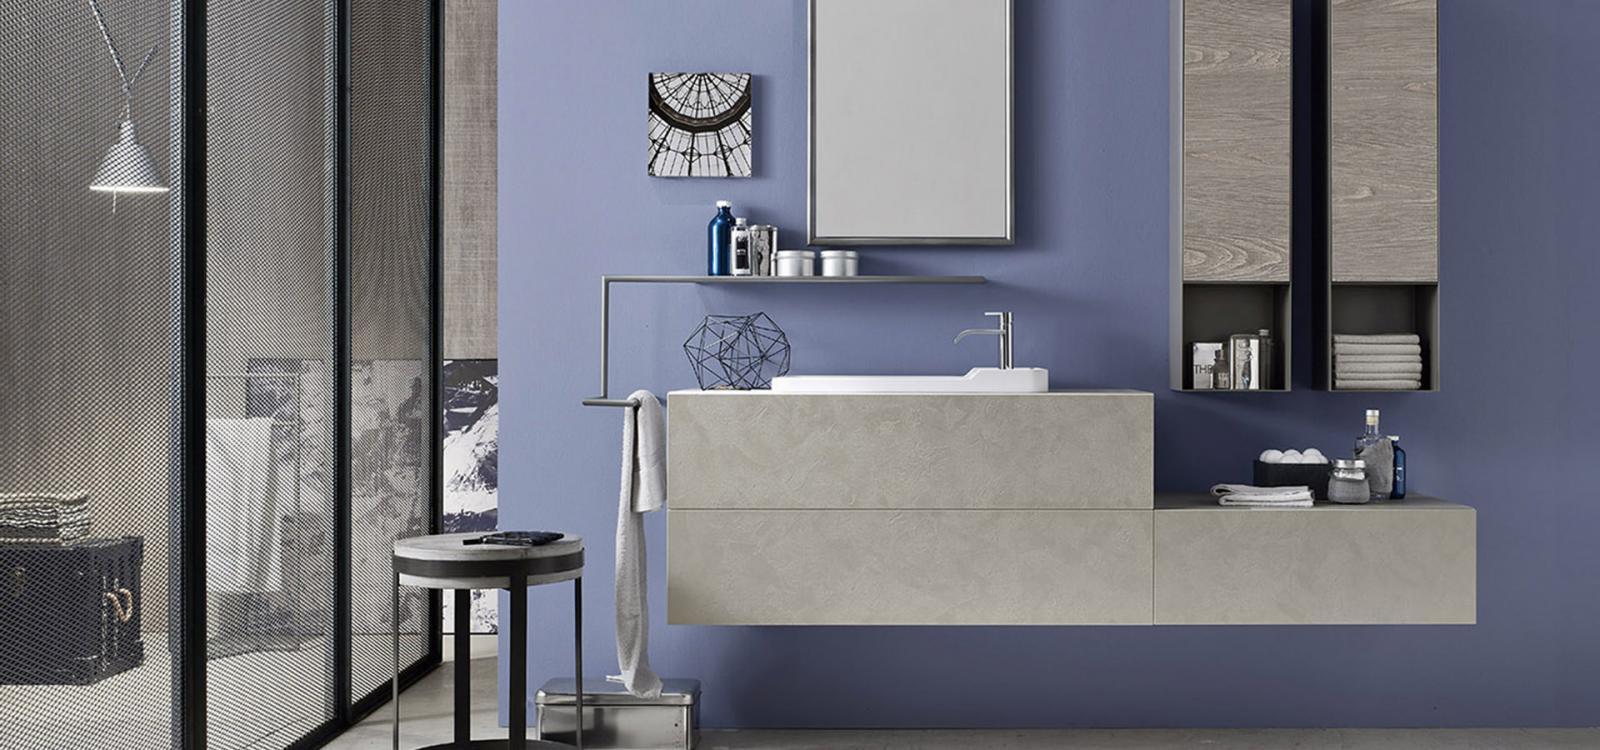 Ecran Tactile Pour Salle De Bain ~ vente de meubles de salle de bains lille meubles salle de bains